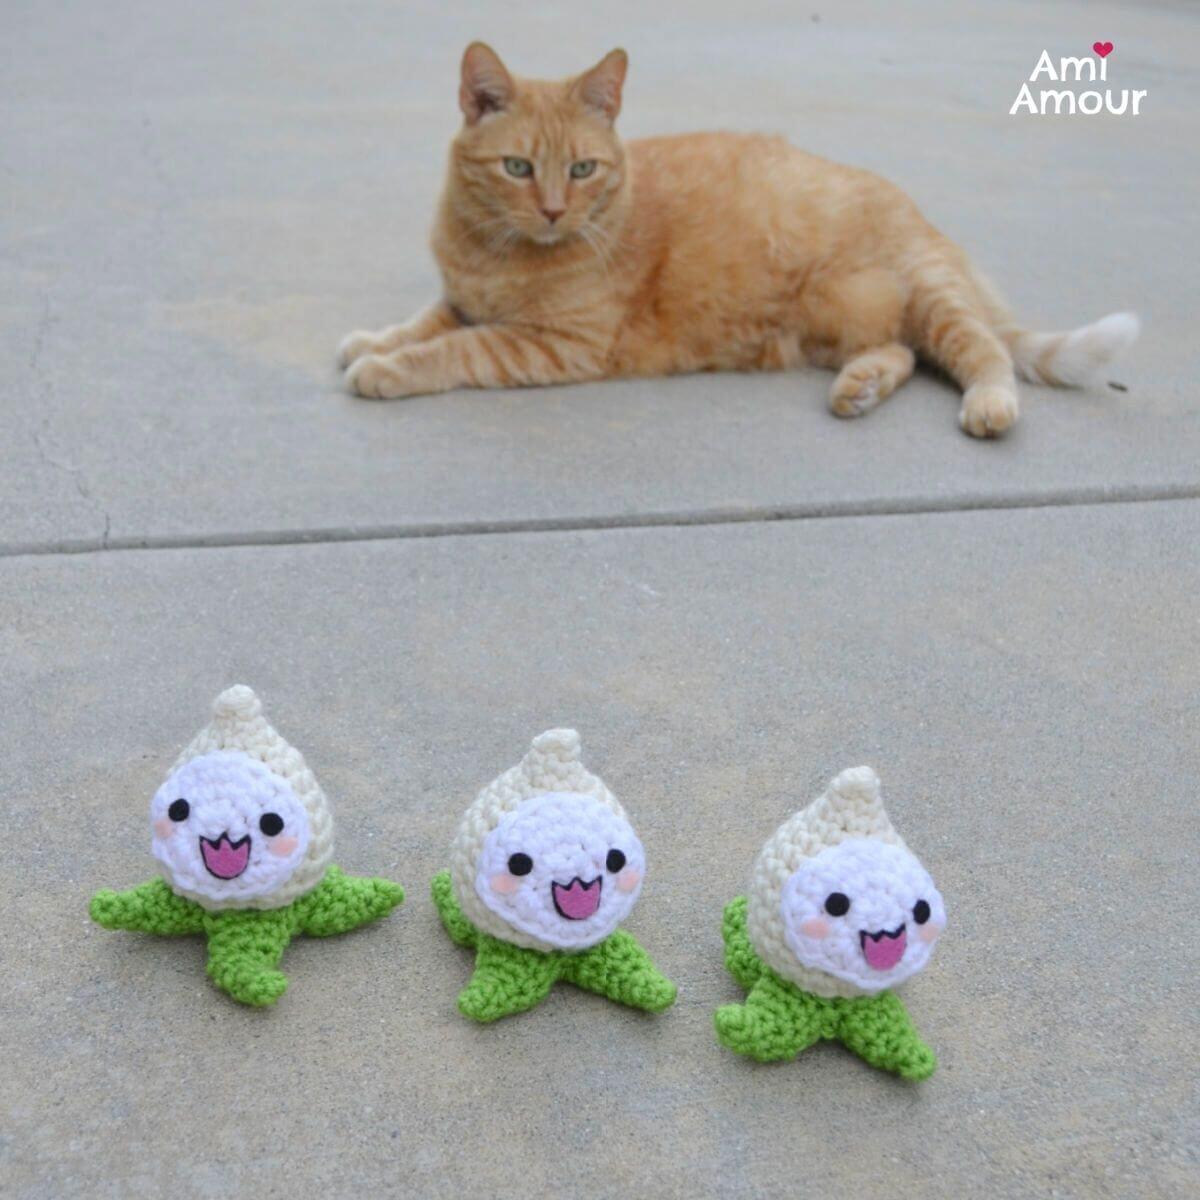 Crochet Pachimari with Orange Tabby Cat